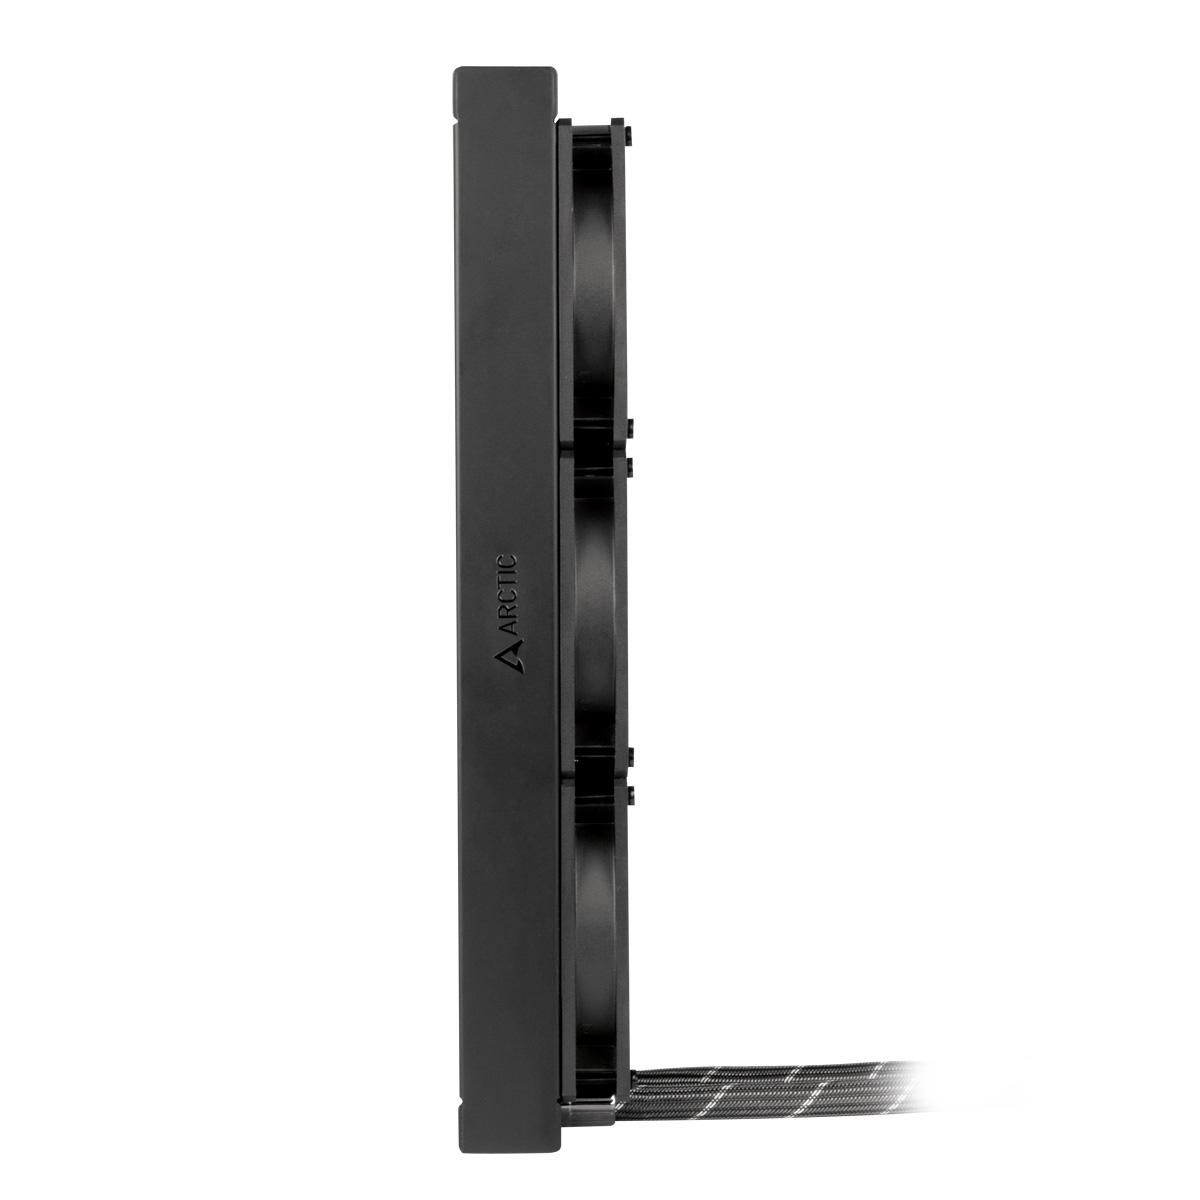 Multikompatibler AiO CPU-Wasserkühler ARCTIC Liquid Freezer II 360 Seitenansicht